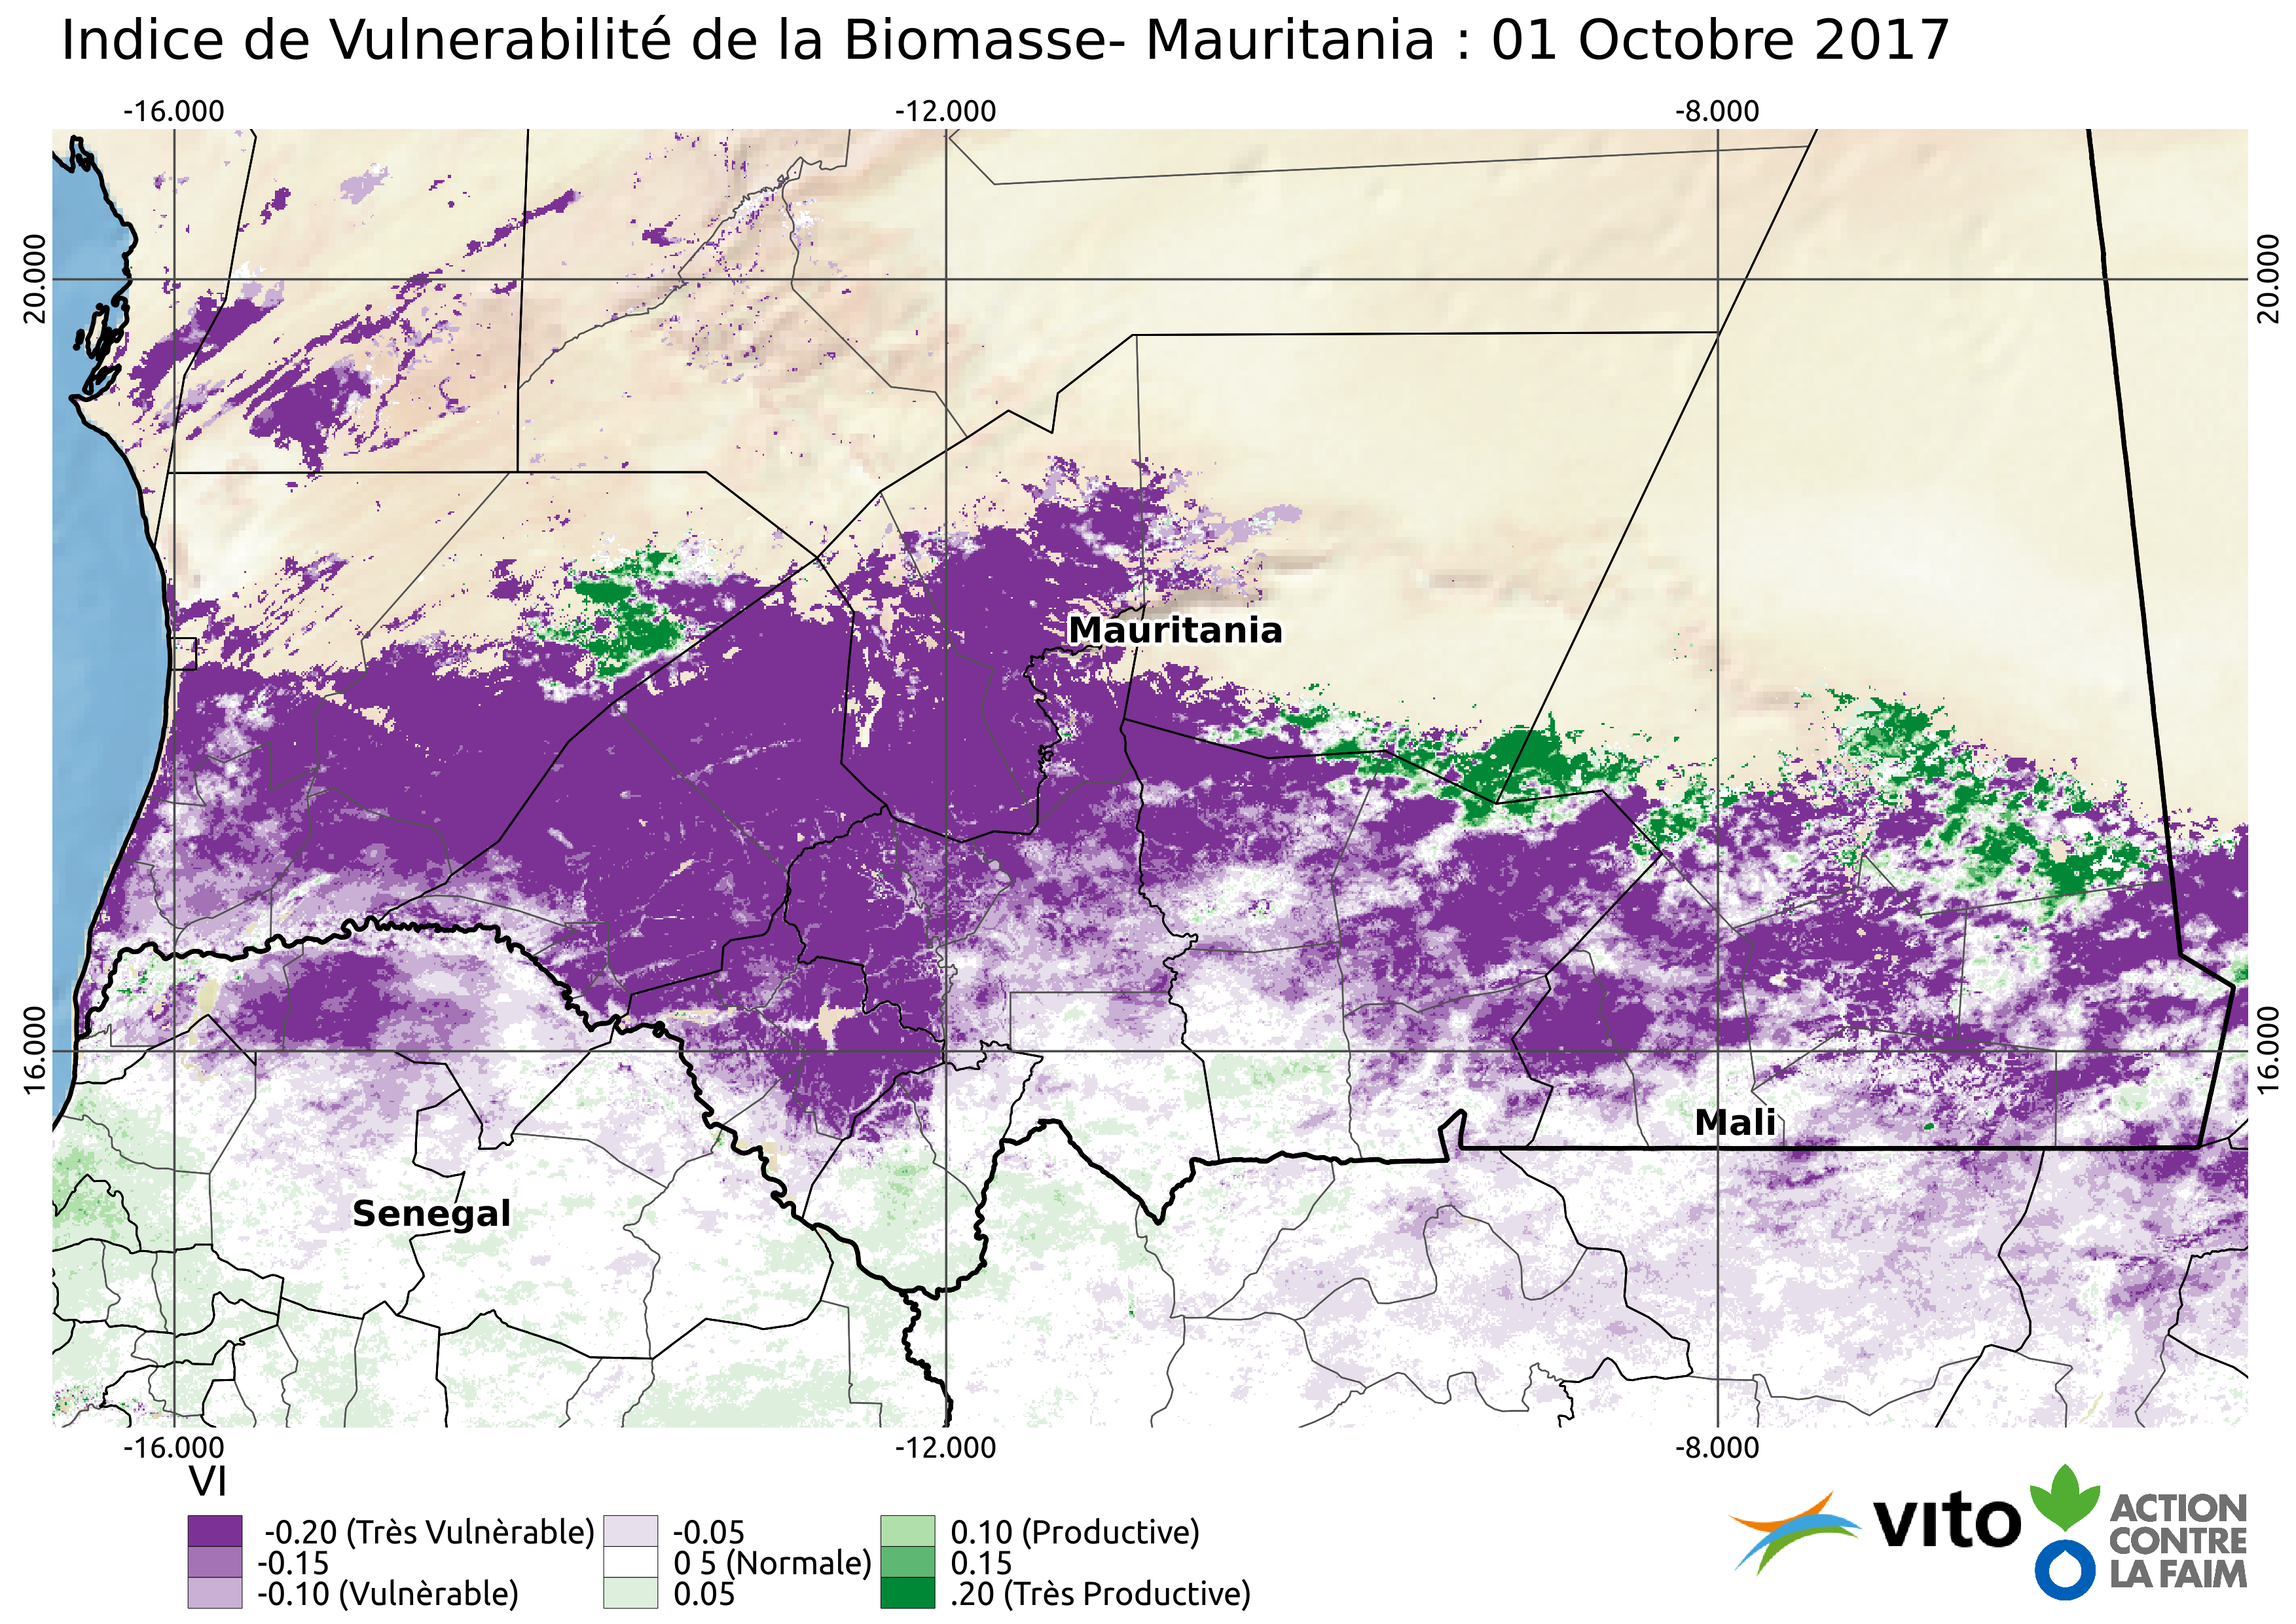 Indice de Vulnerabilité Mauritanie 2017